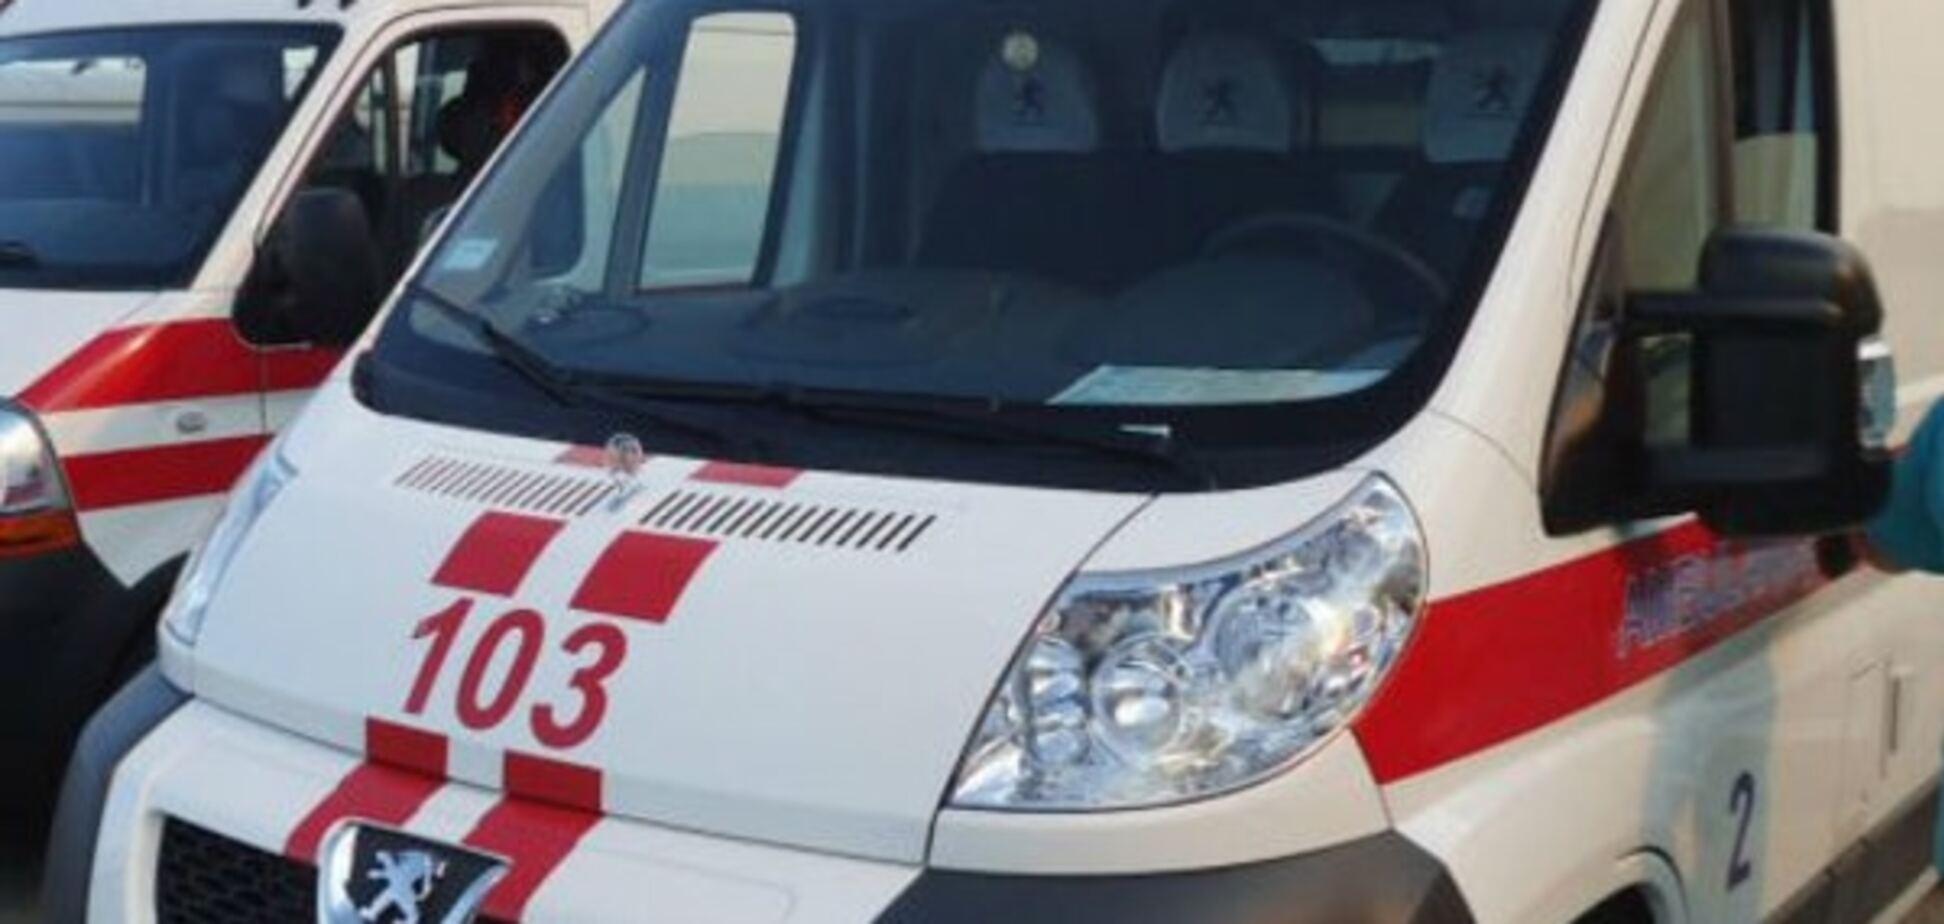 Жертва виборів: у Львові голова дільничної комісії з нервовим зривом потрапила до лікарні